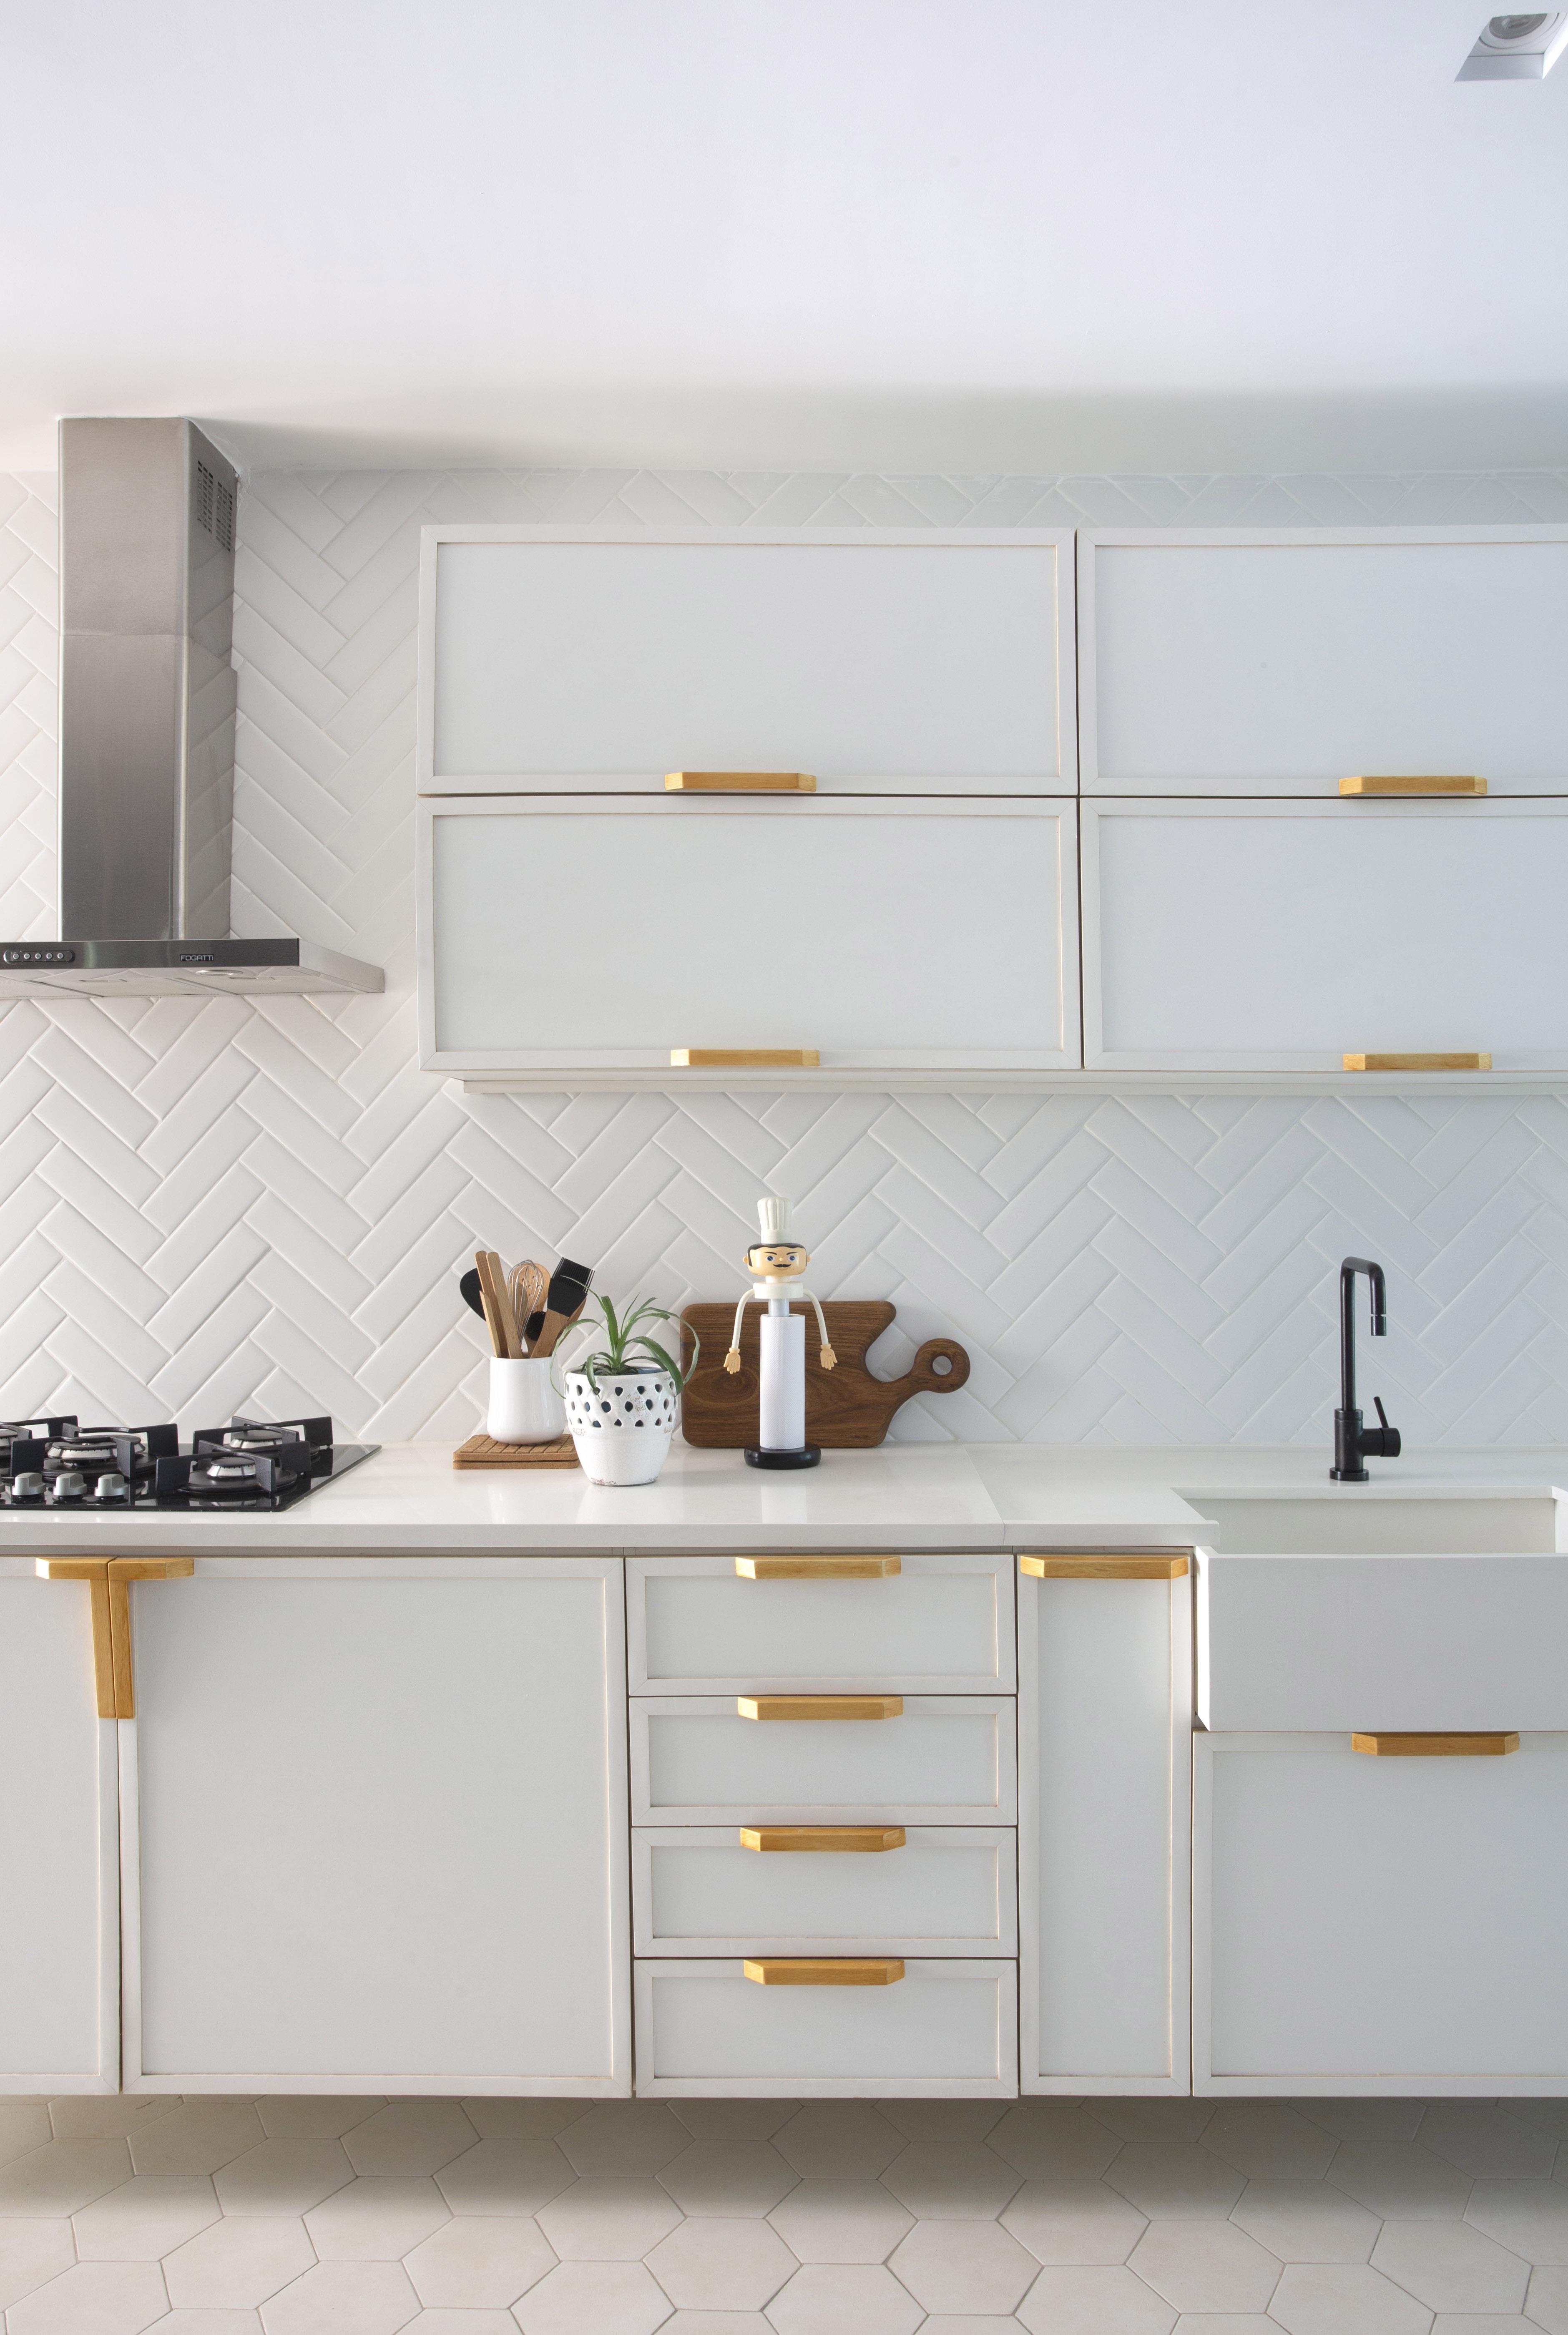 Cozinha com marcenaria clara e puxadores dourados